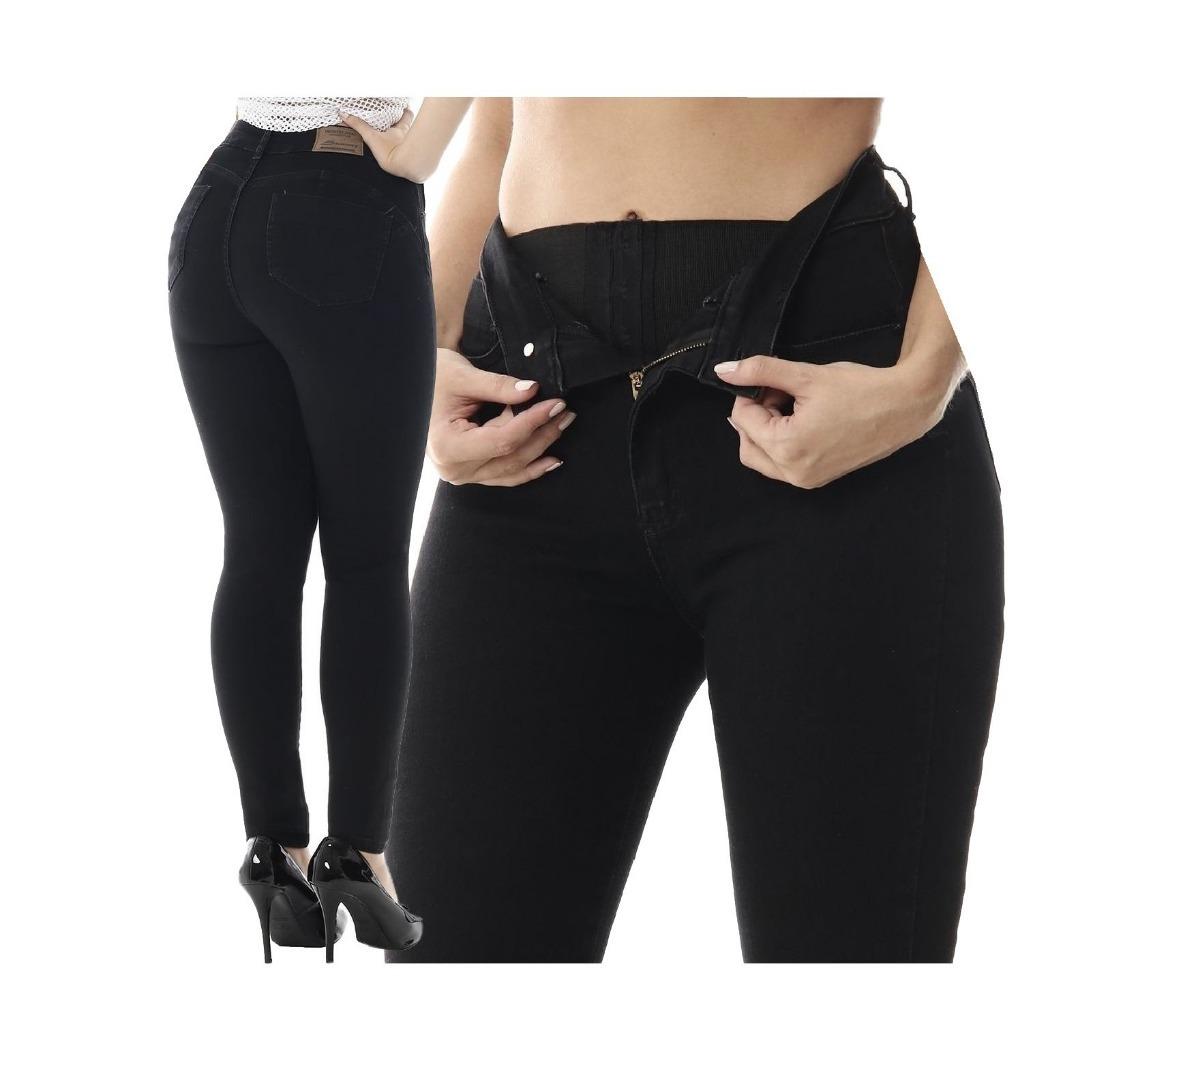 9e4602baa calça jeans feminina sawary sculp com cinta e bojo removível. Carregando  zoom.